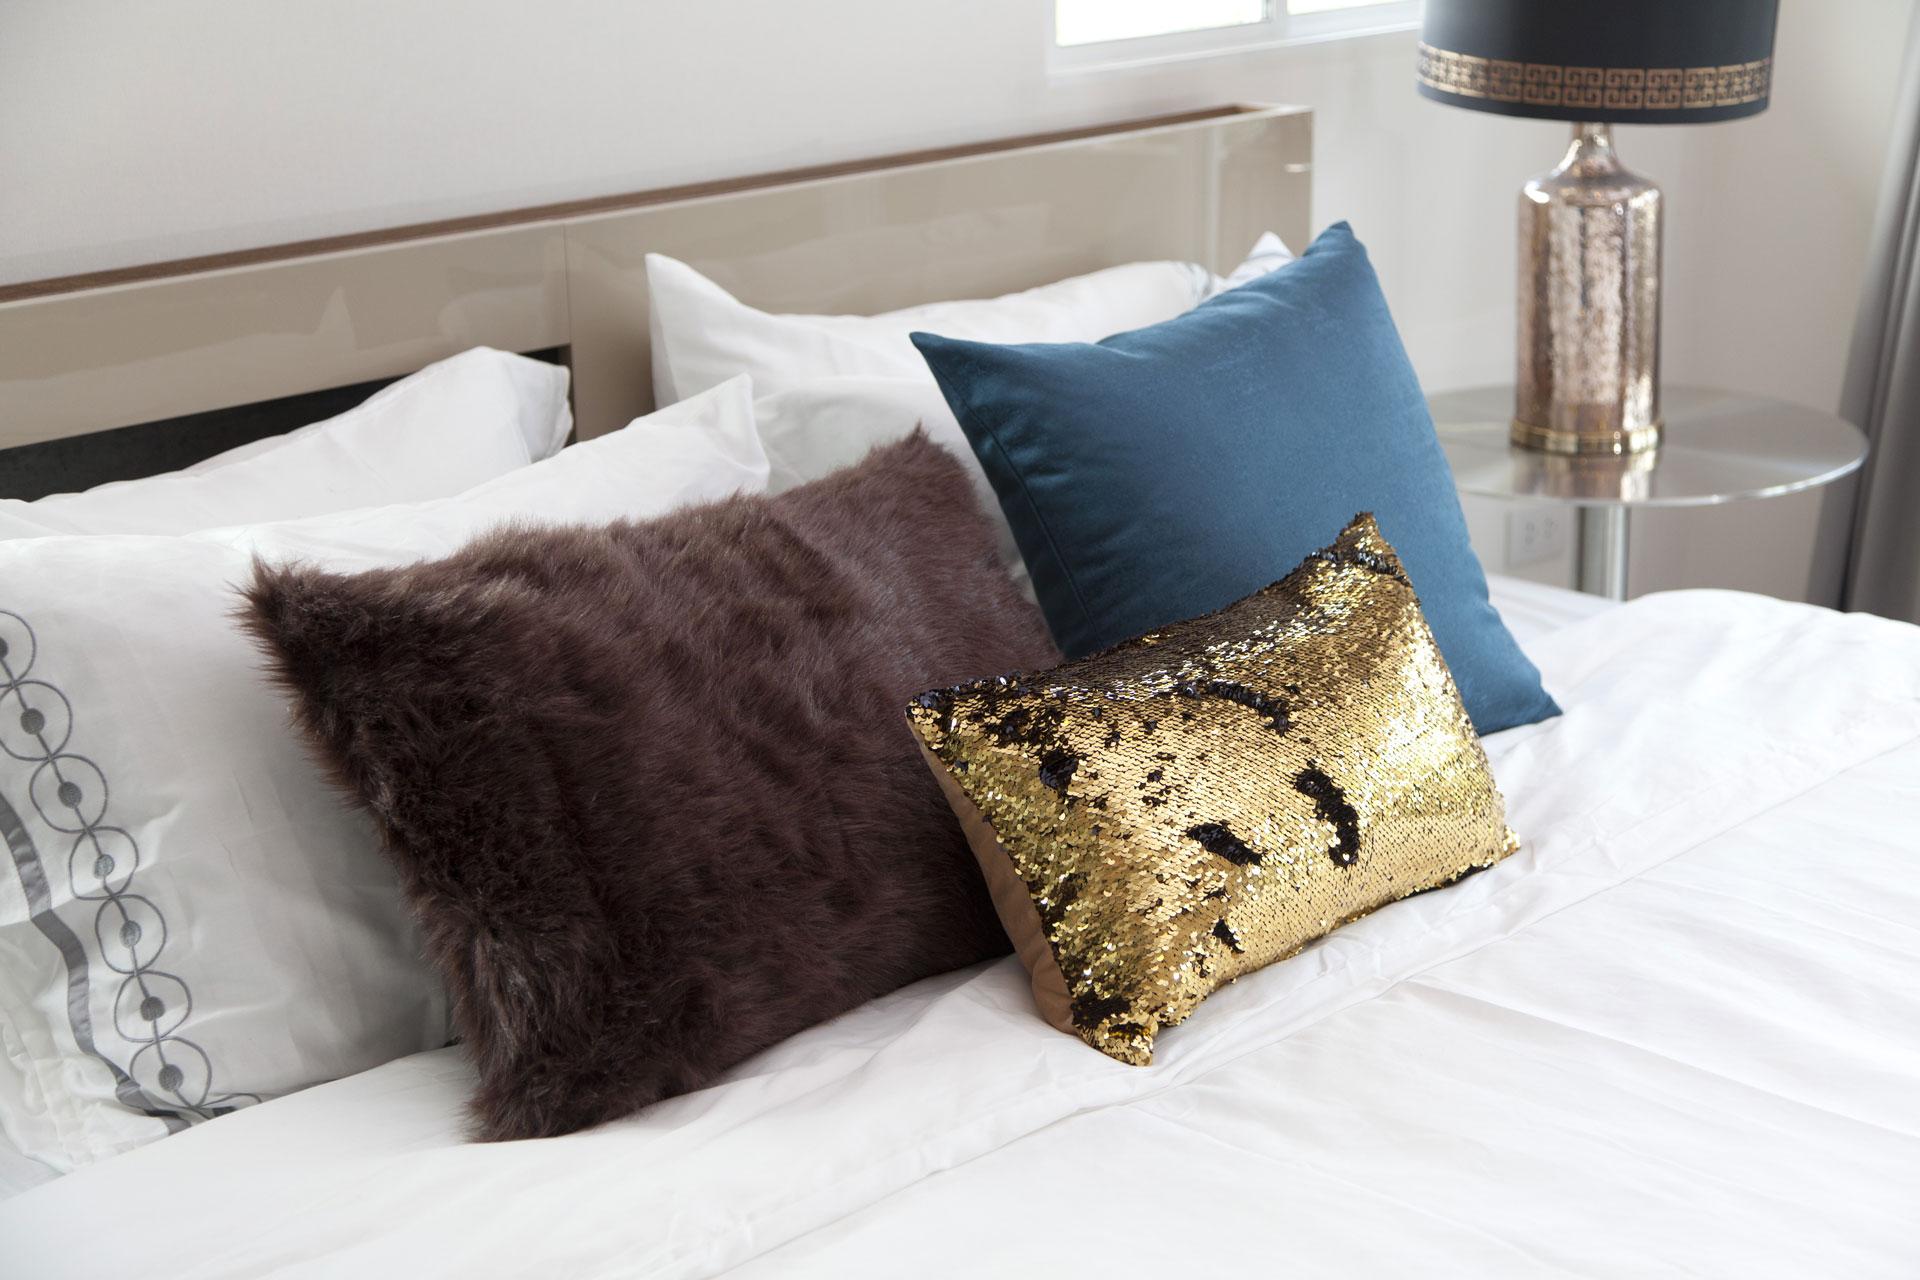 Wunderschön Schlafzimmer Deko Foto Von Erste Maßnahme: Das Aufräumen!